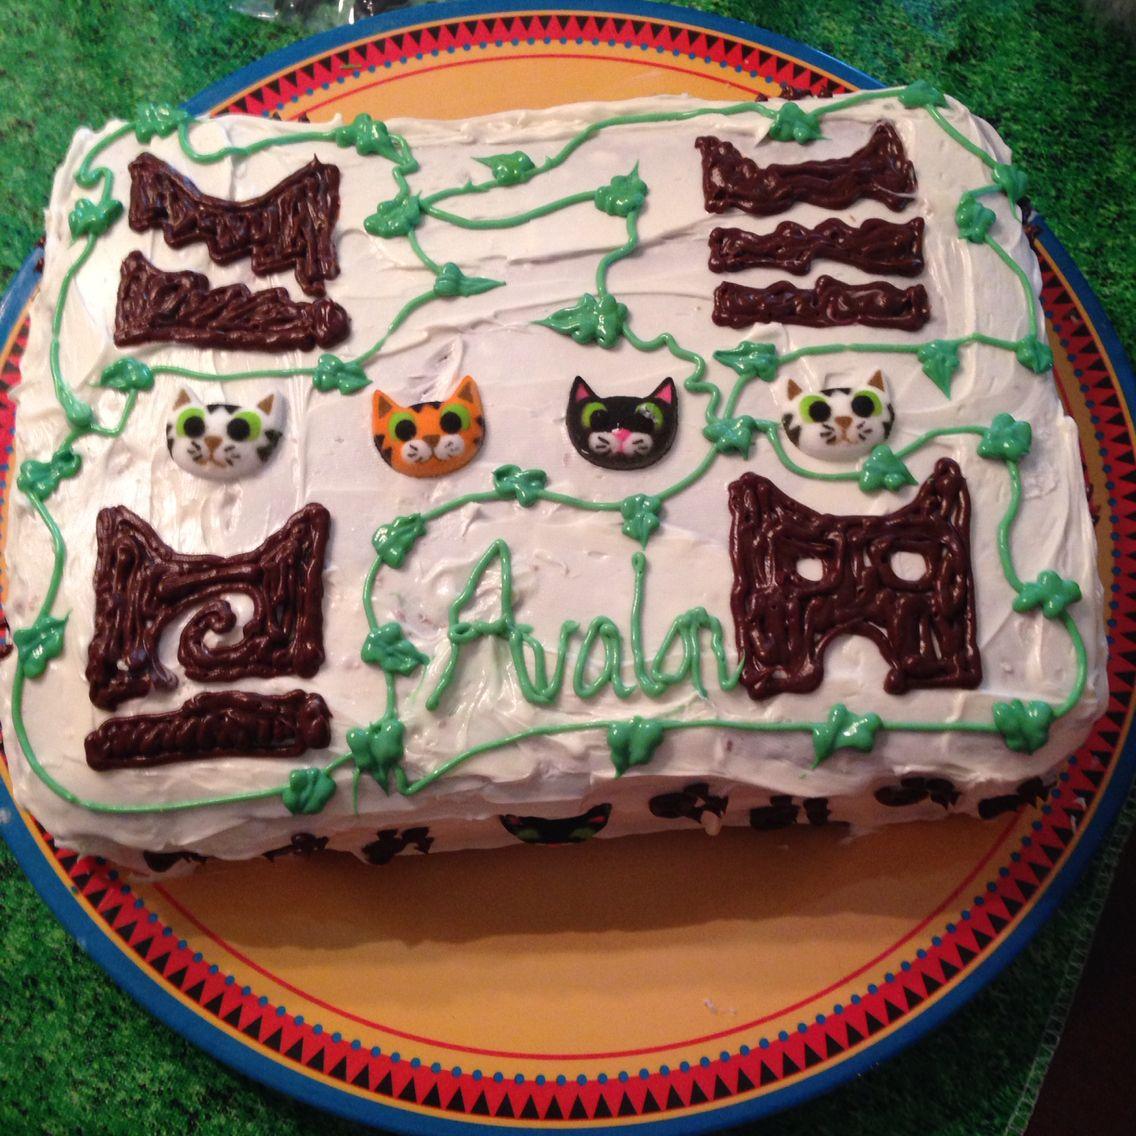 Clan Cake